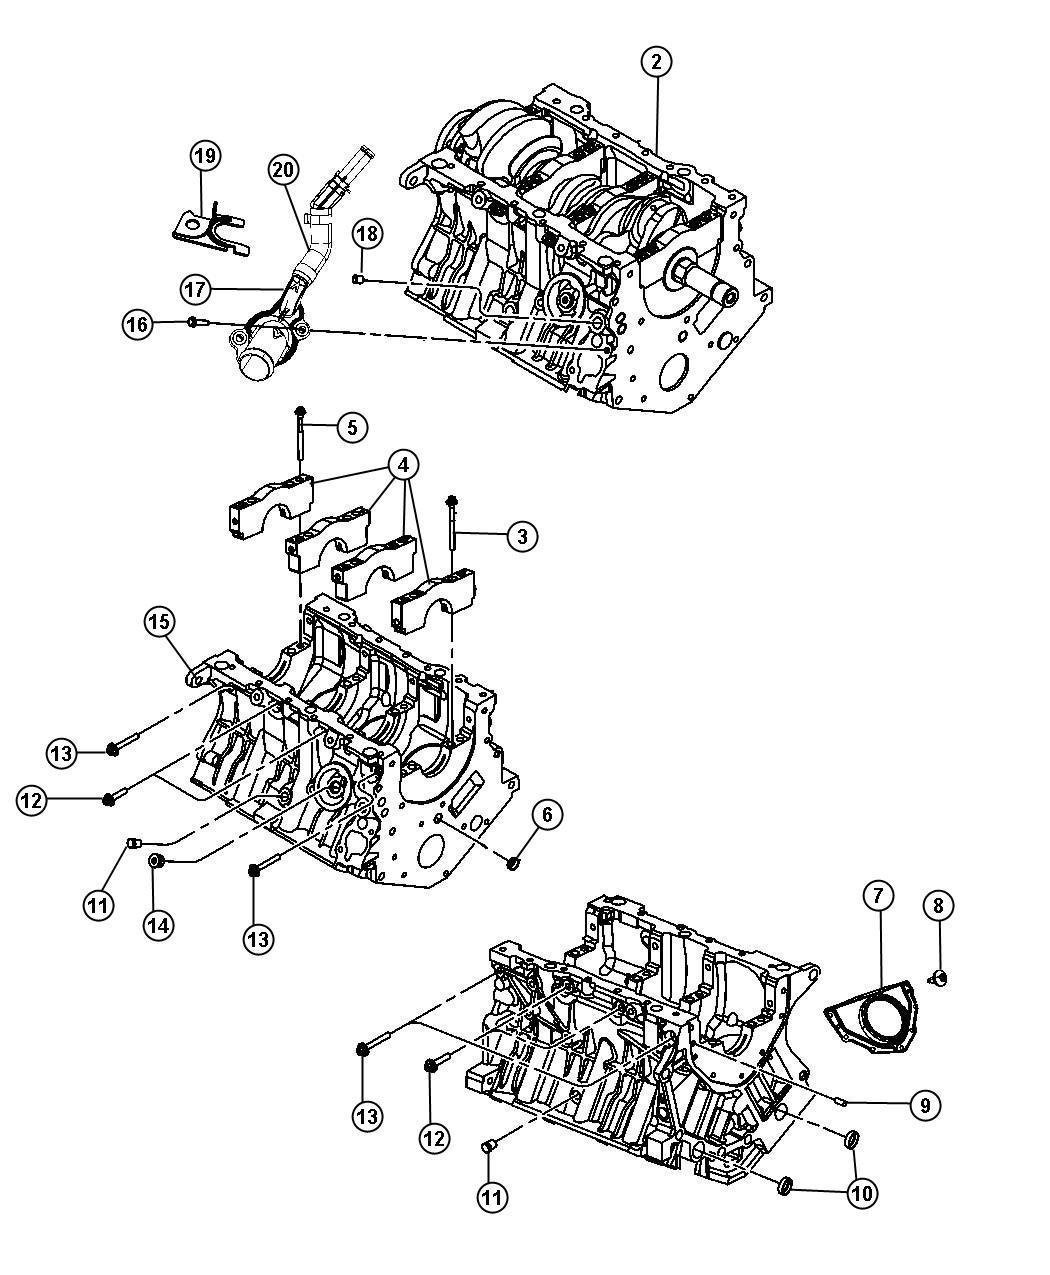 2007 Chrysler Sebring Engine. Long block. Remanufactured